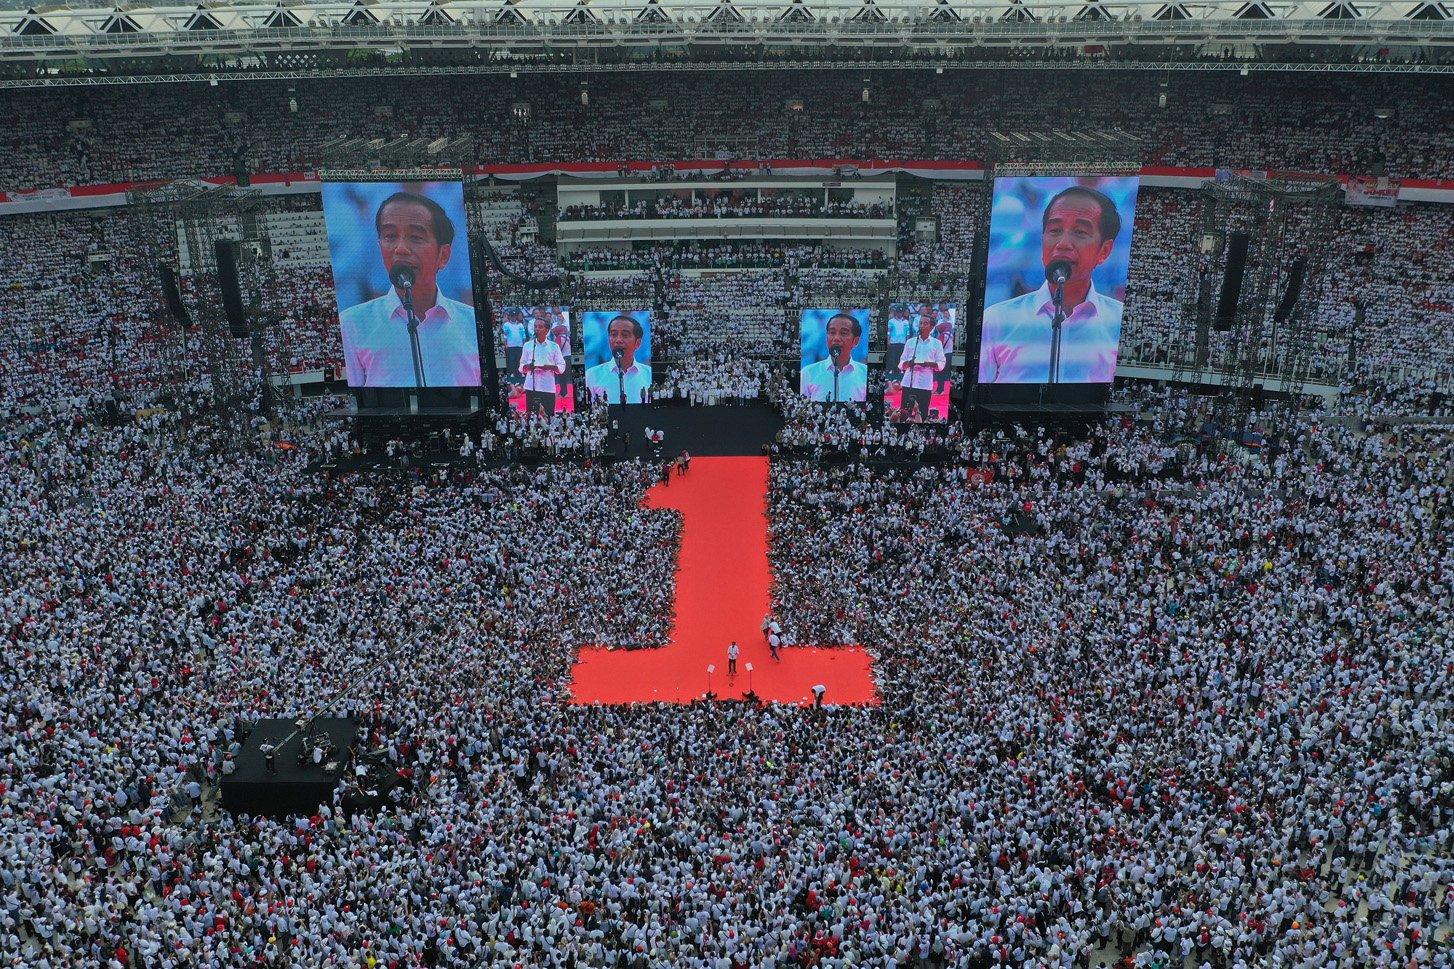 Calon Presiden nomor urut 01 Joko Widodo (tengah) berpidato saat Konser Putih Bersatu di Stadion Utama GBK, Jakarta, Sabtu (13/4/2019). Konser itu merupakan kampanye akbar untuk memenangkan pasangan Jokowi-Ma\'ruf Amin.